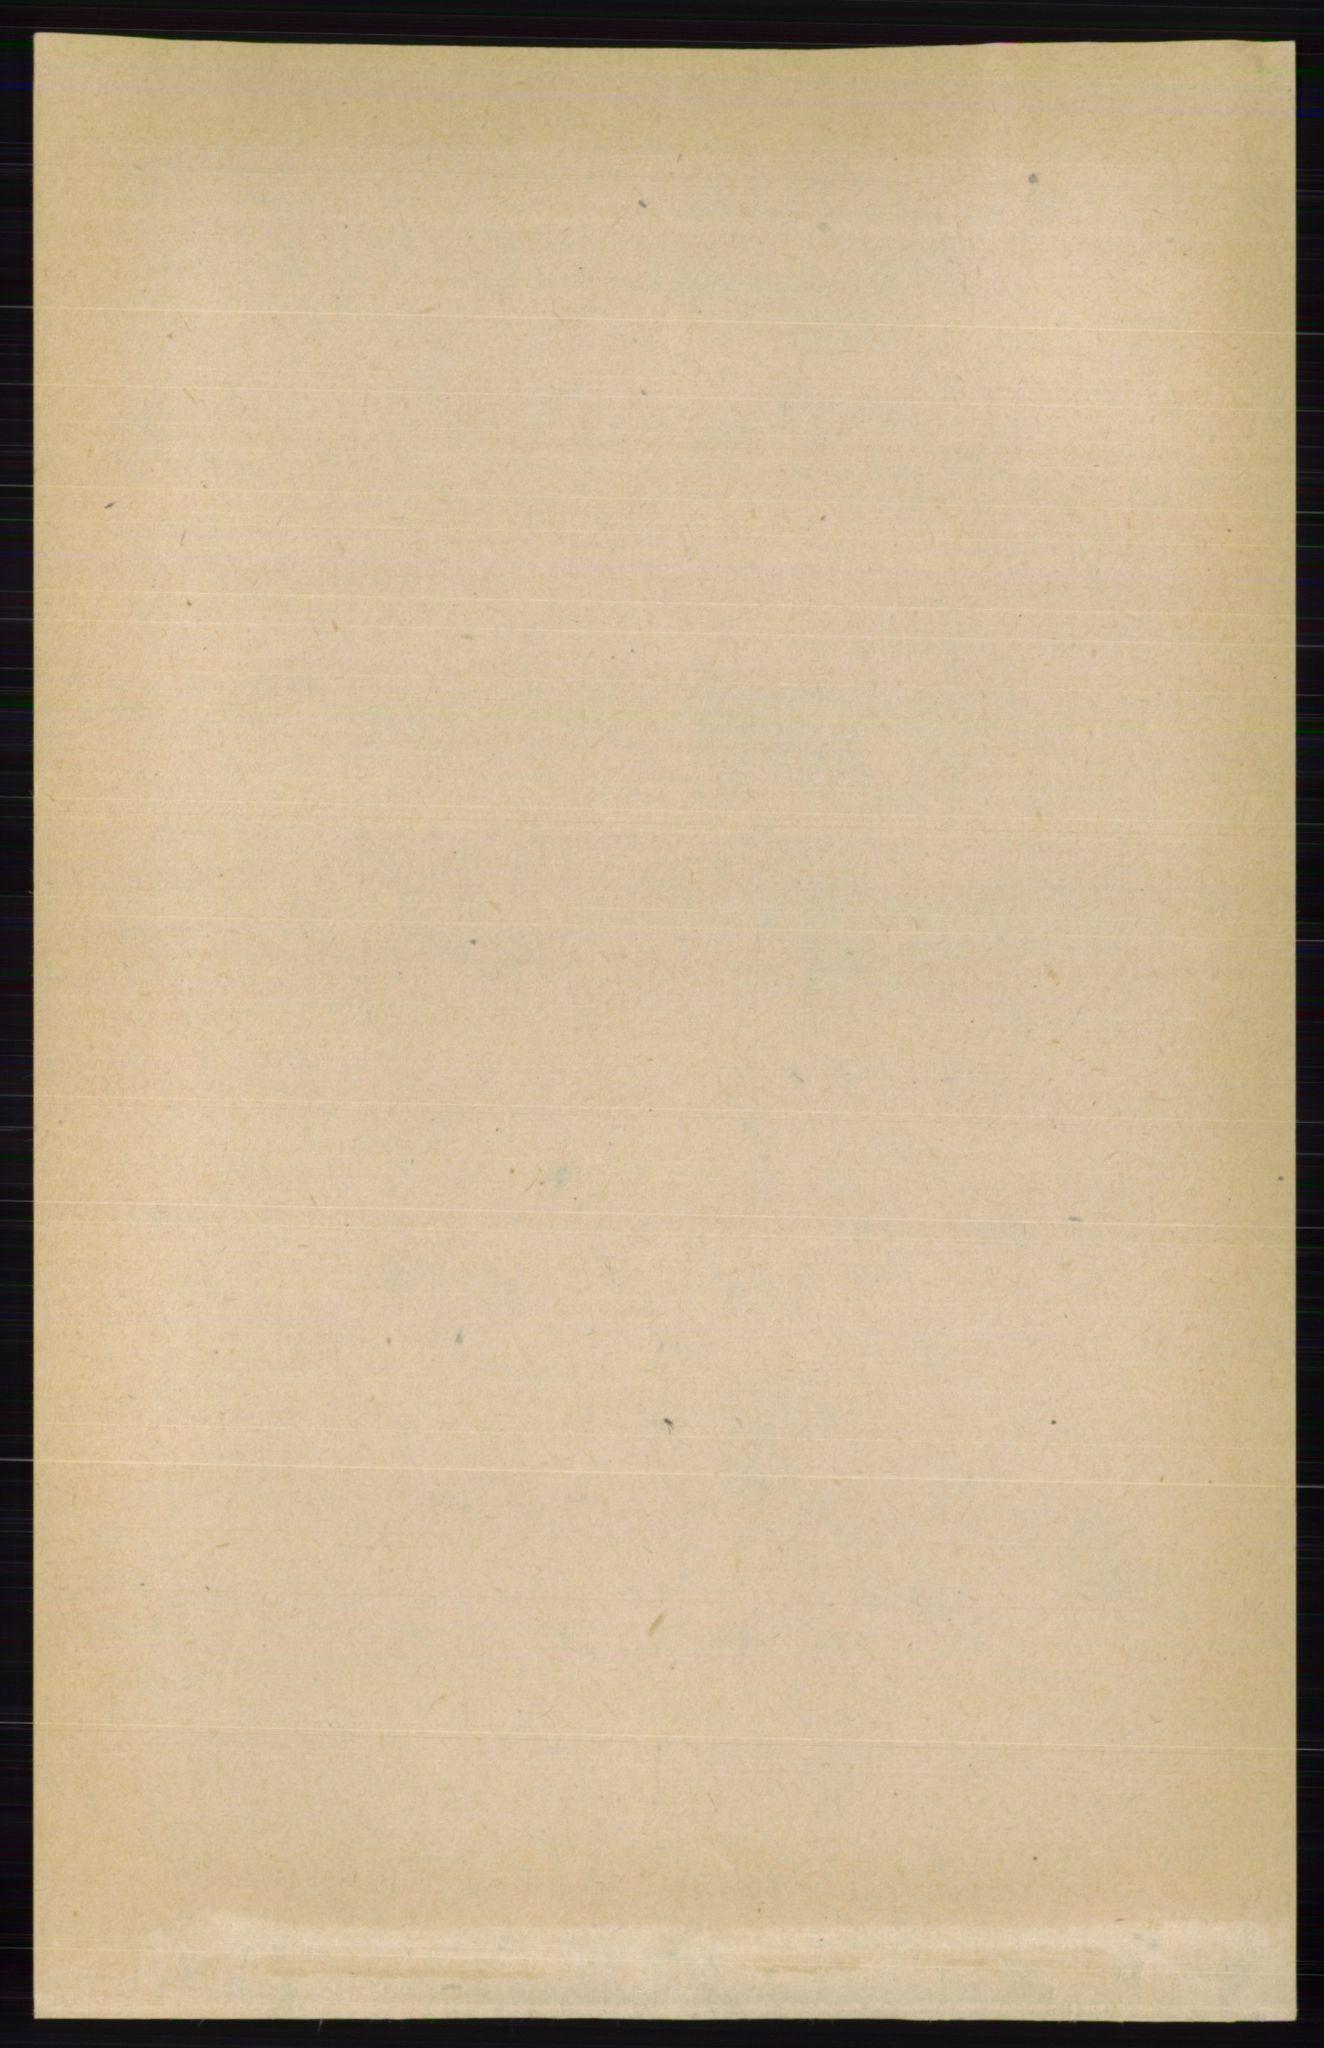 RA, Folketelling 1891 for 0427 Elverum herred, 1891, s. 1849